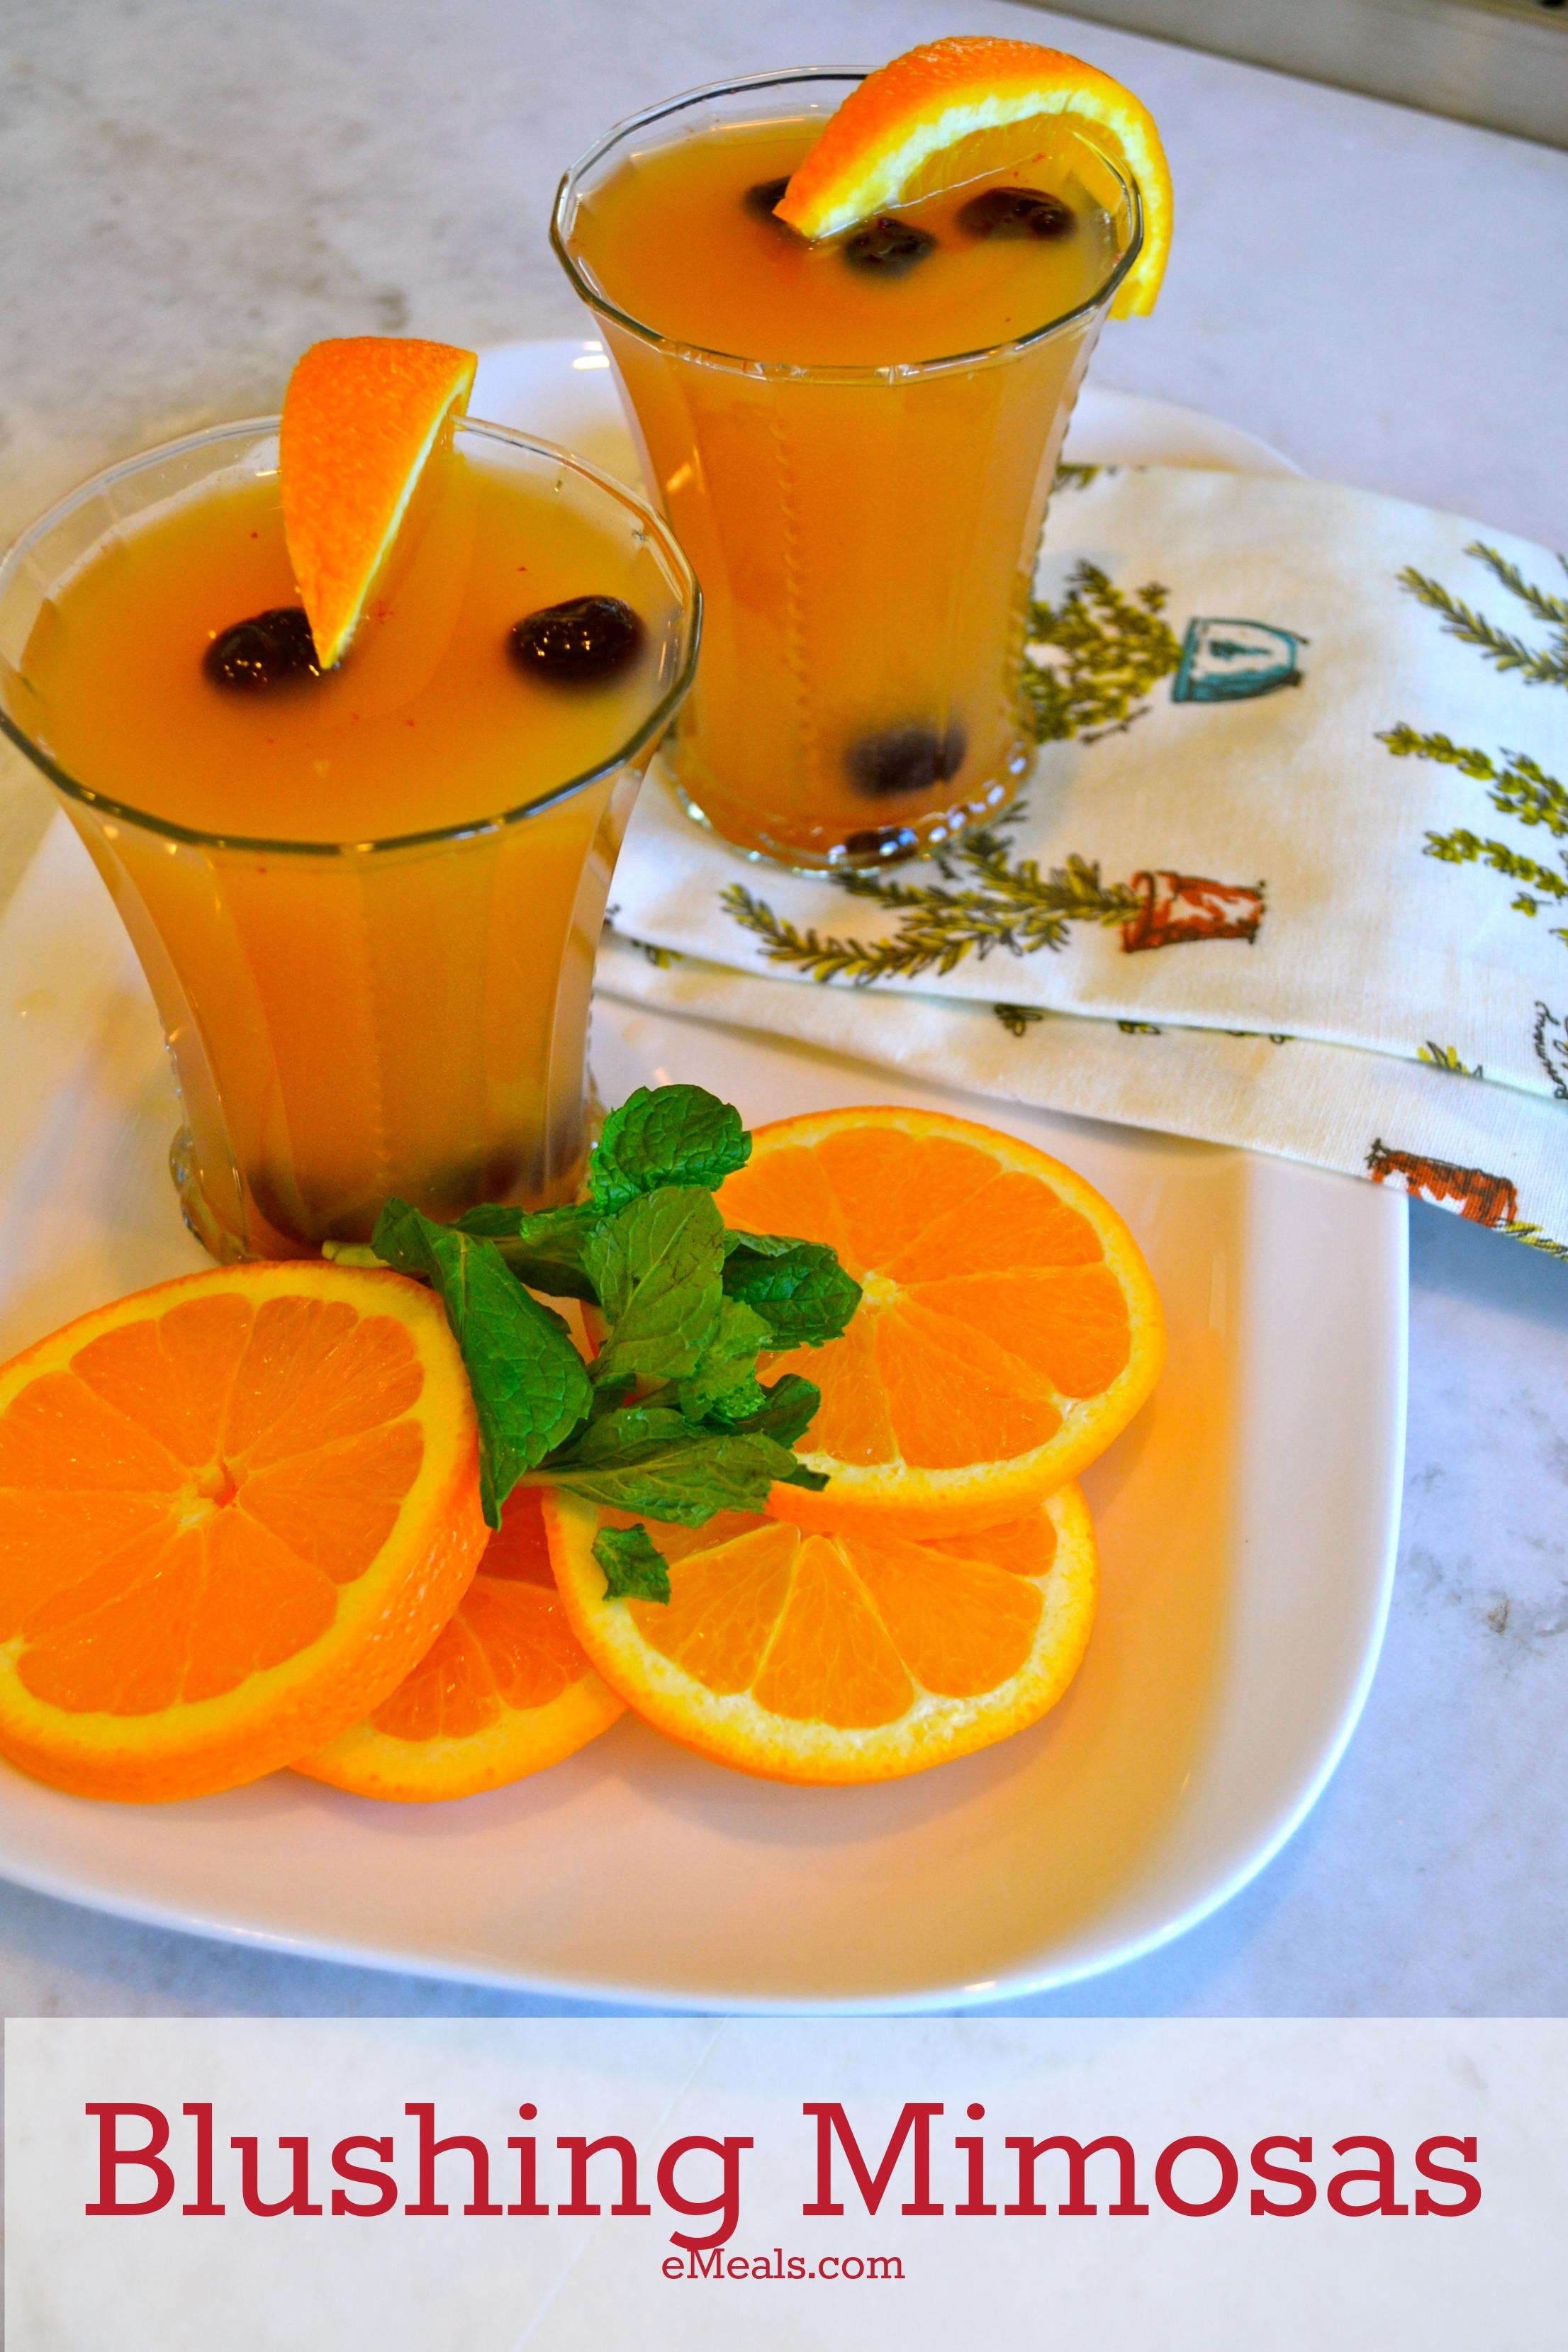 Virgin Blushing Mimosas